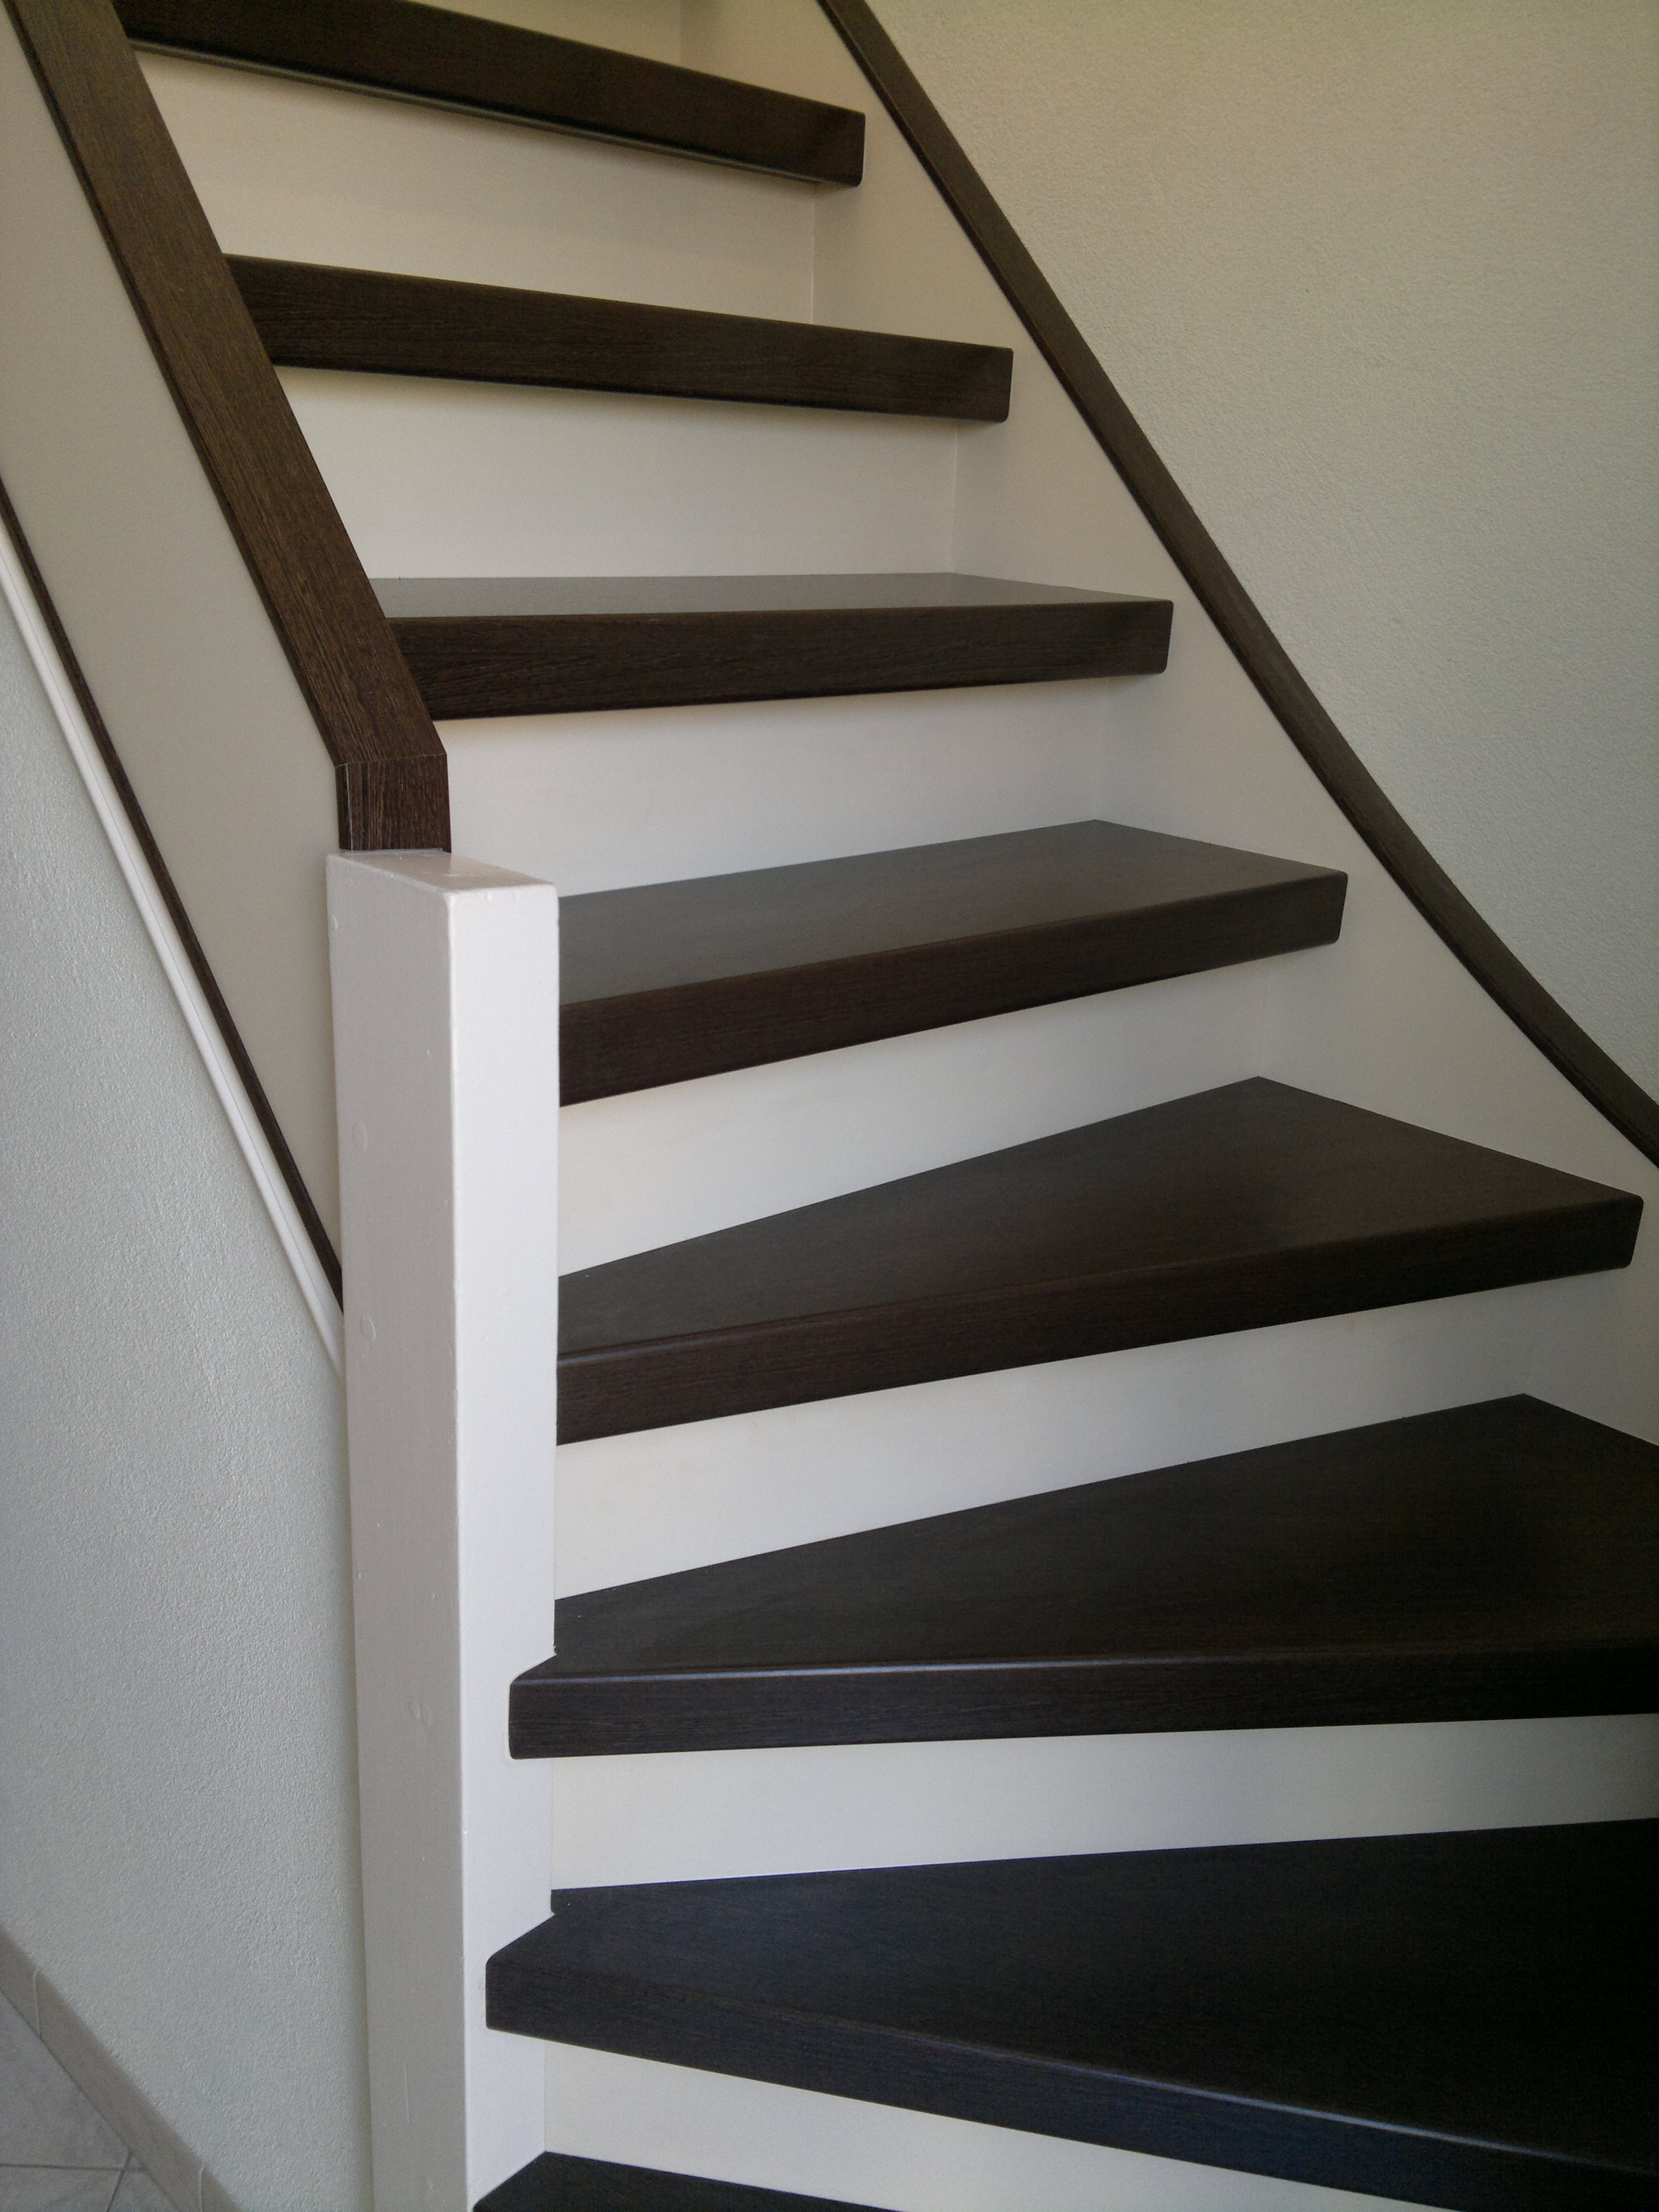 Trap bekleden pvc tapijt pvc gordijnen vloerkleden trap for Hoeveel traptreden heeft een trap